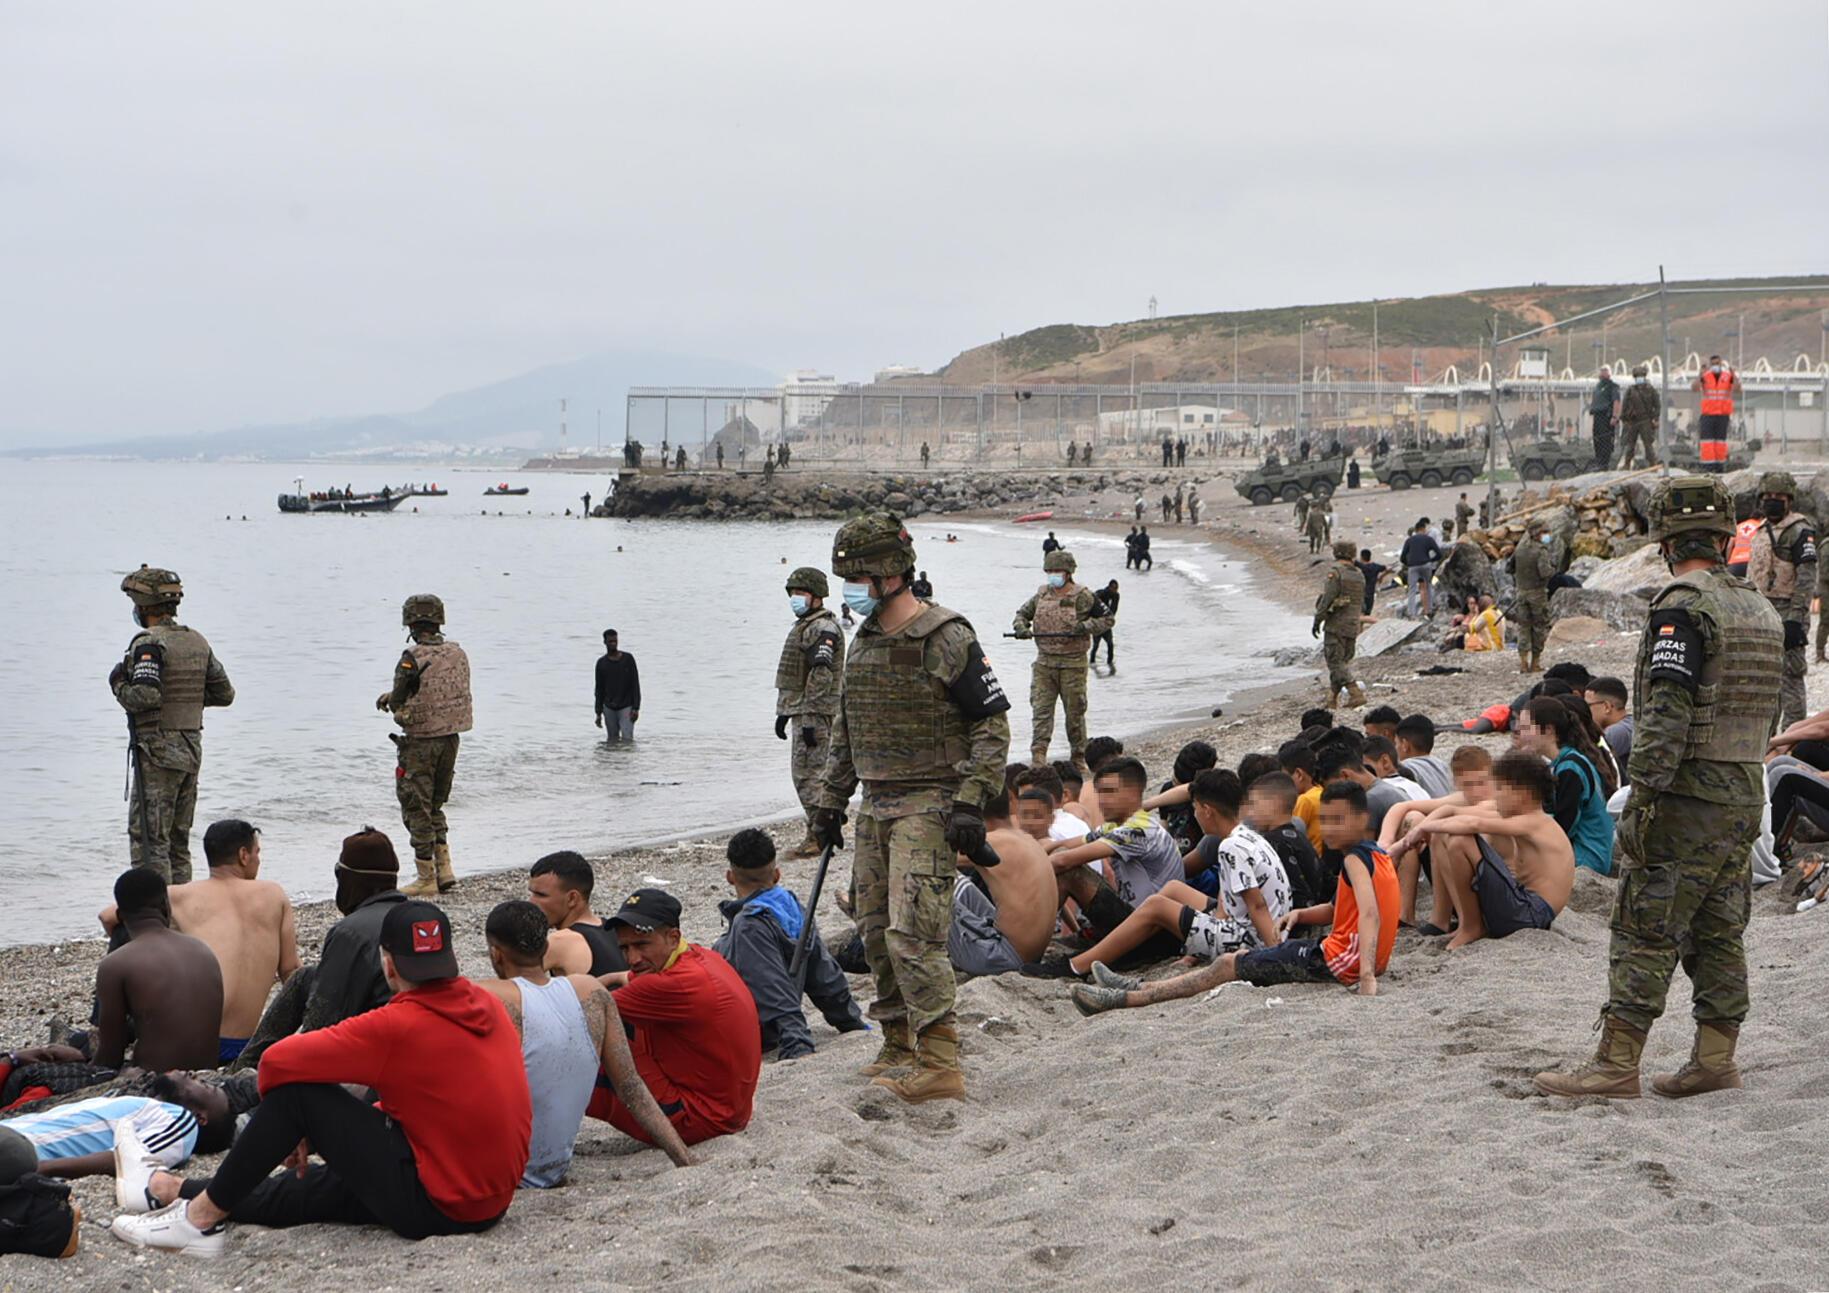 مهاجرون بينهم قصر وصلوا  سباحة من المغرب الى جيب سبتة الاسباني يستريحون امام الجنود الاسبان في 18 أيار/مايو 2021.